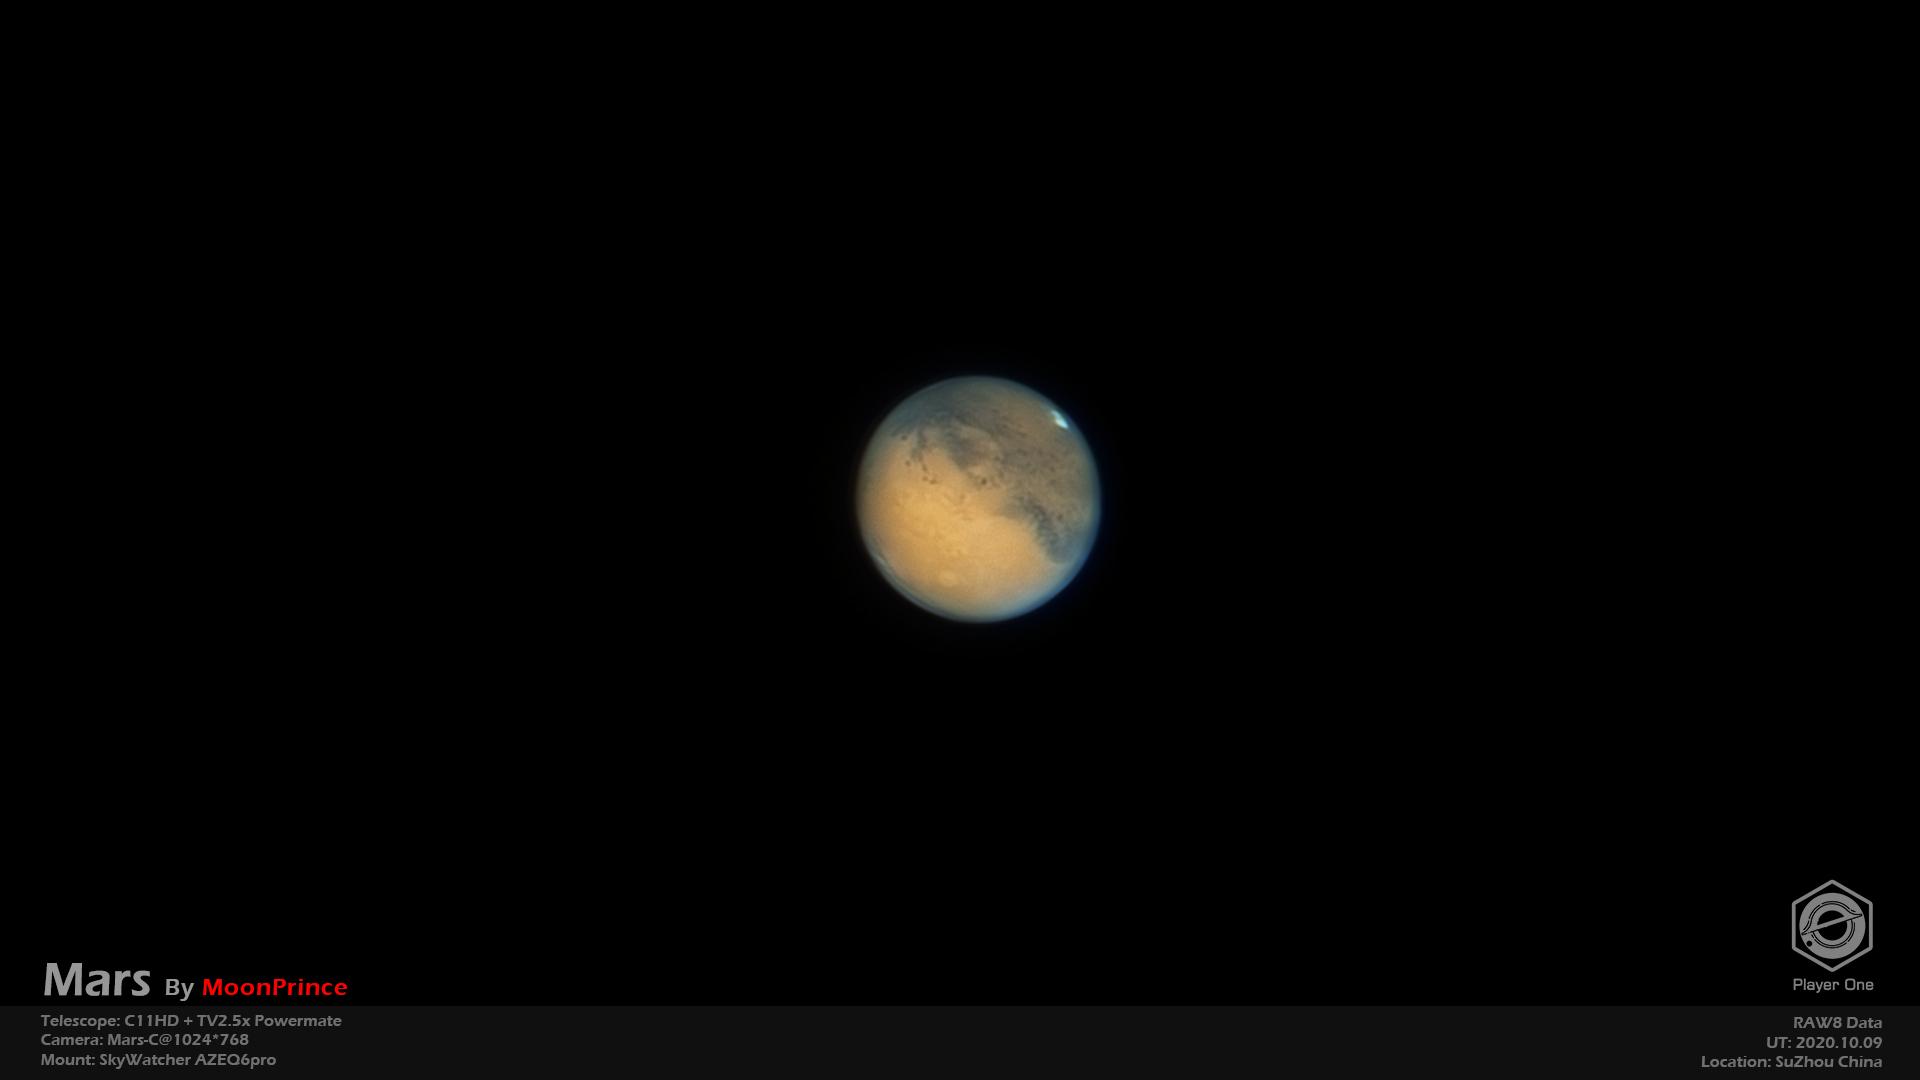 Mars-20201009-large.jpg